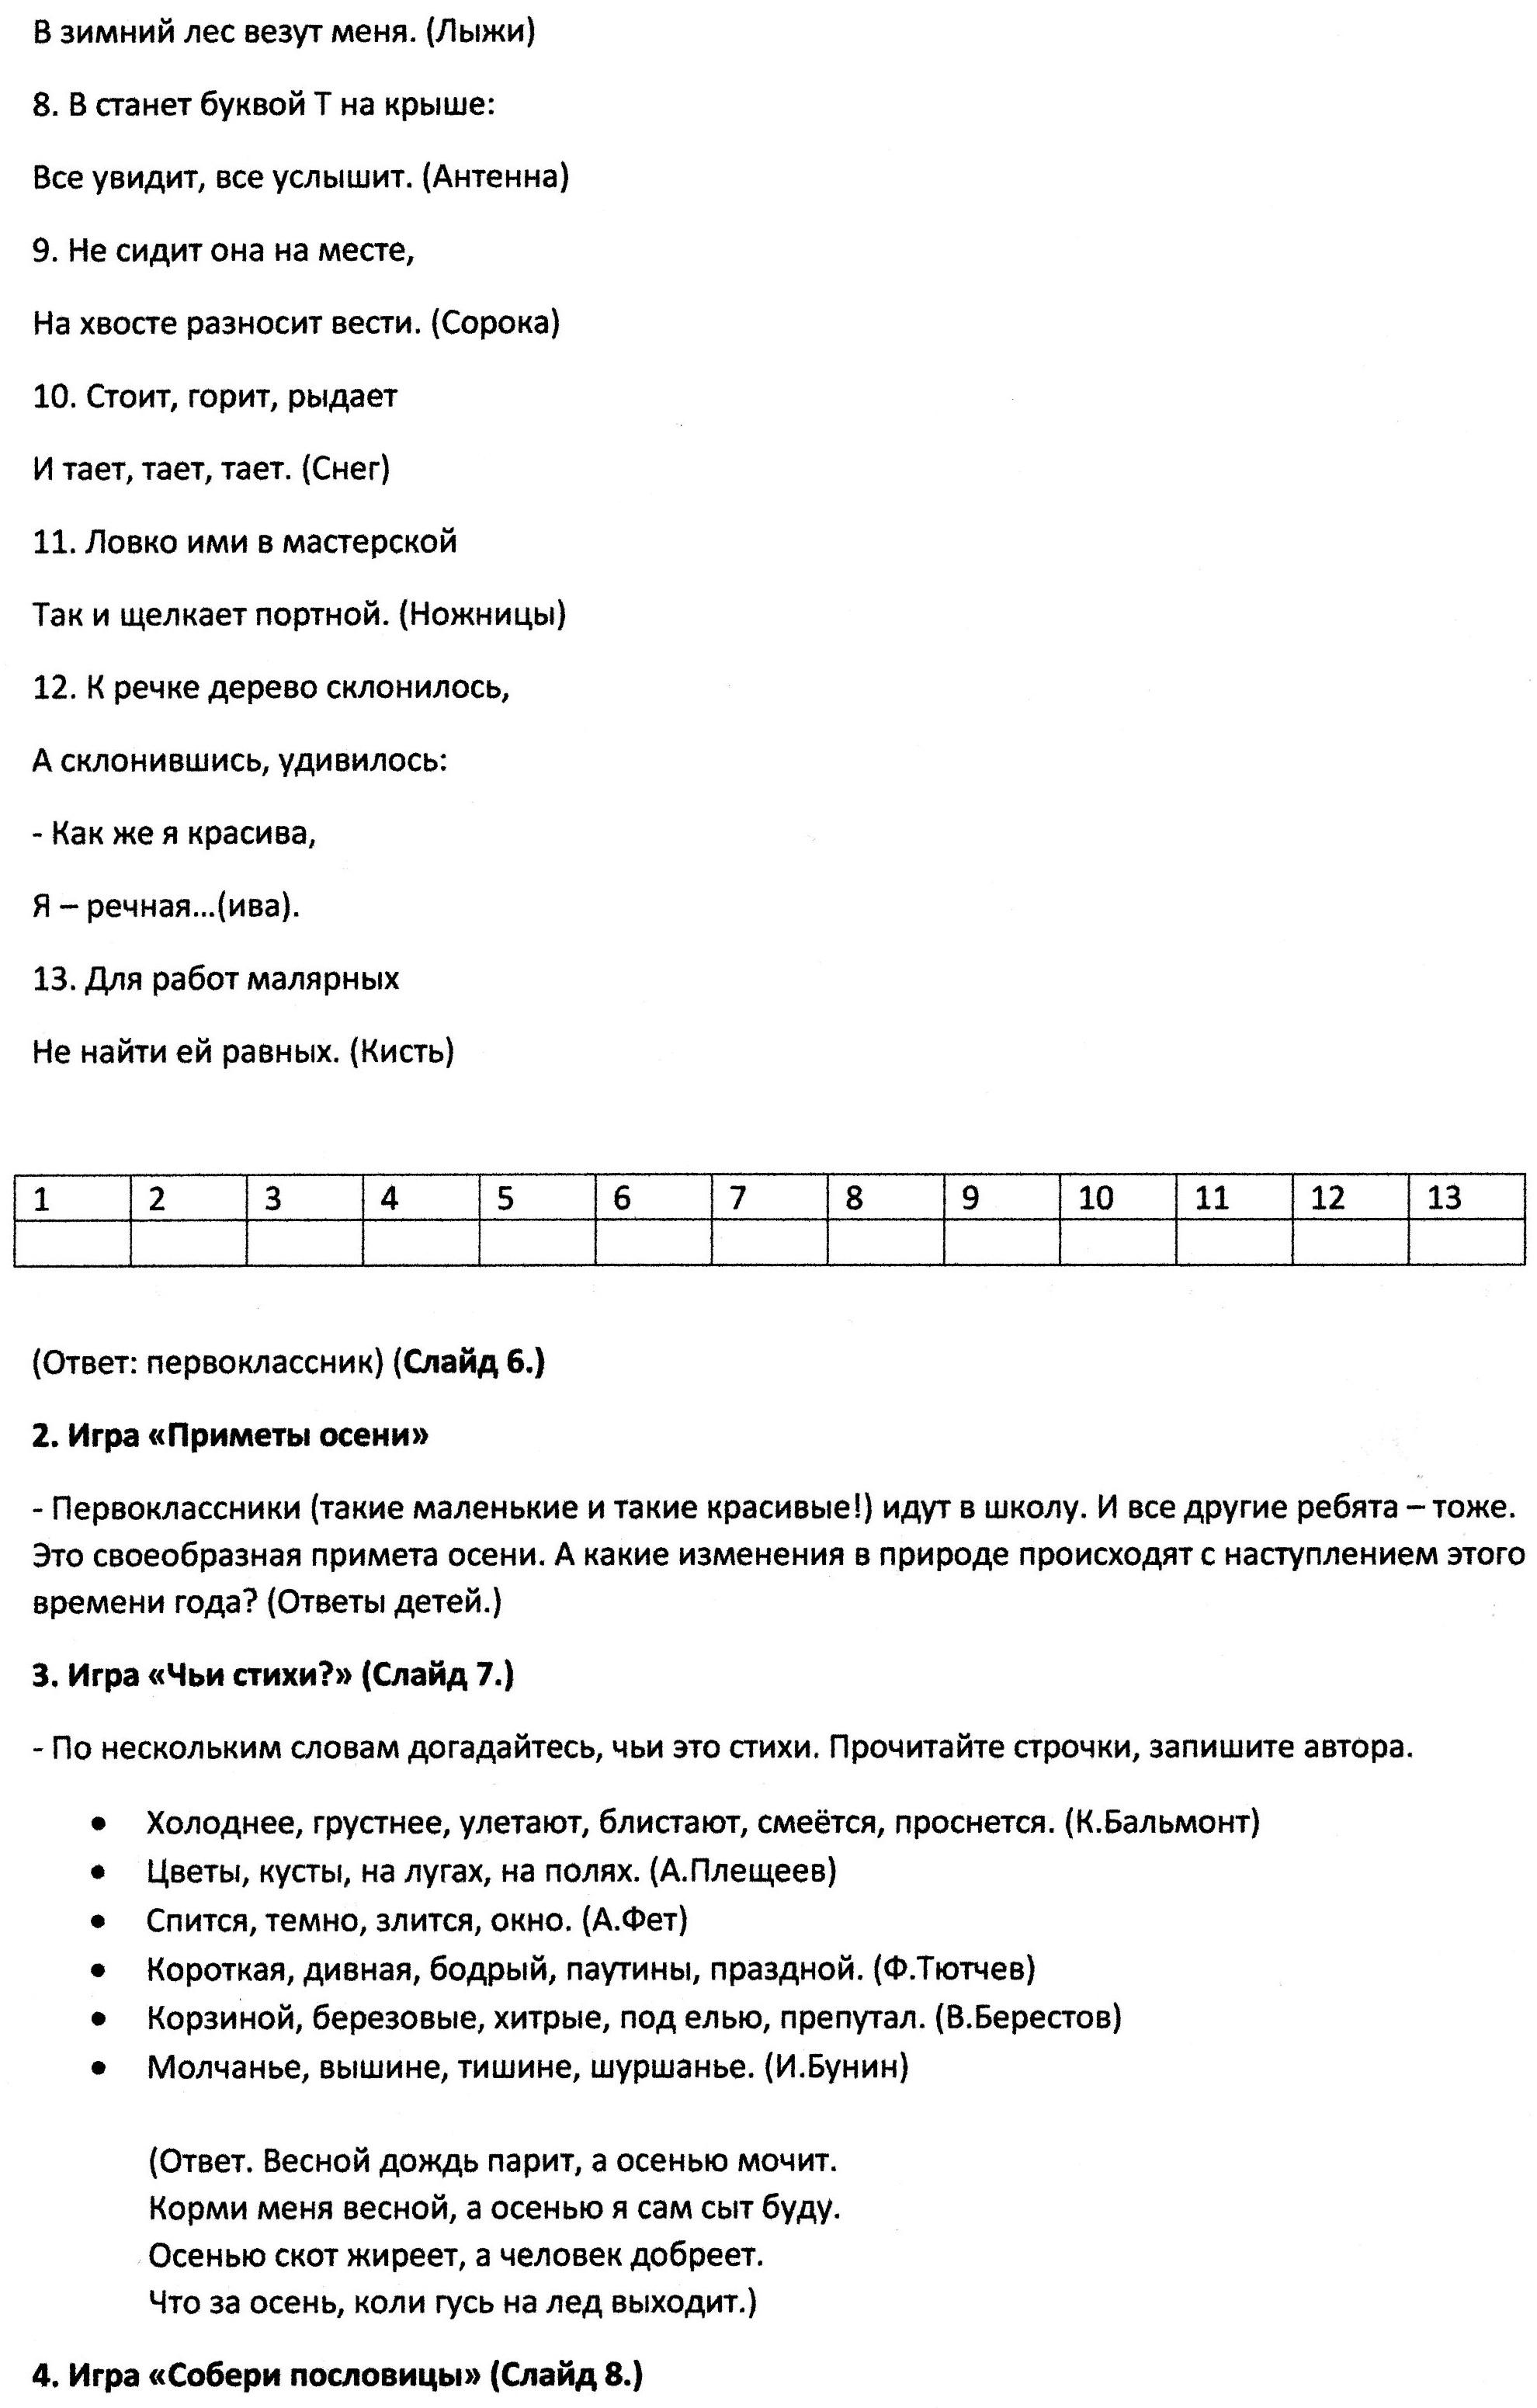 D:\курсы повышения квалификации\Галина\img226.jpg